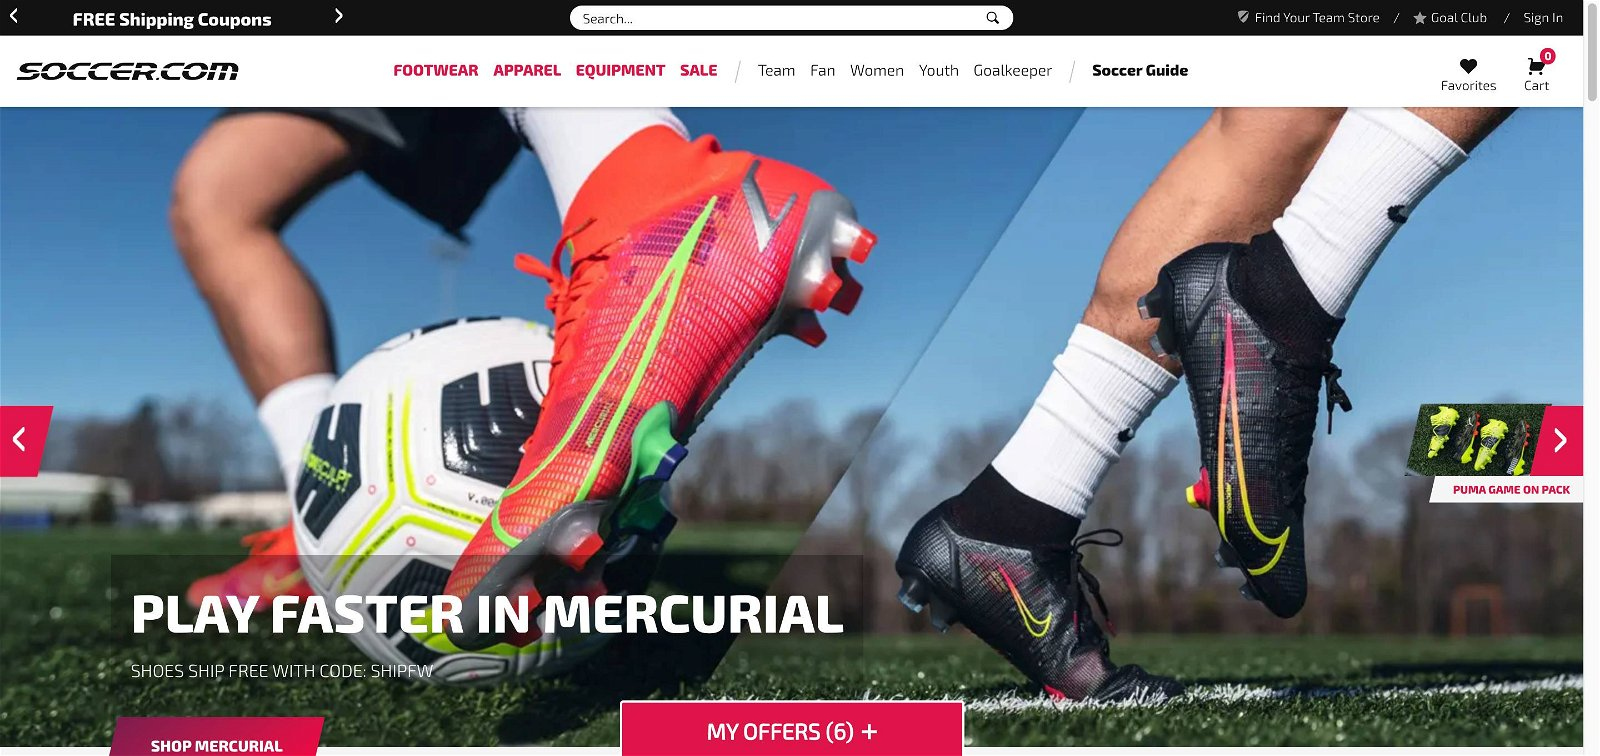 Soccer.com 1